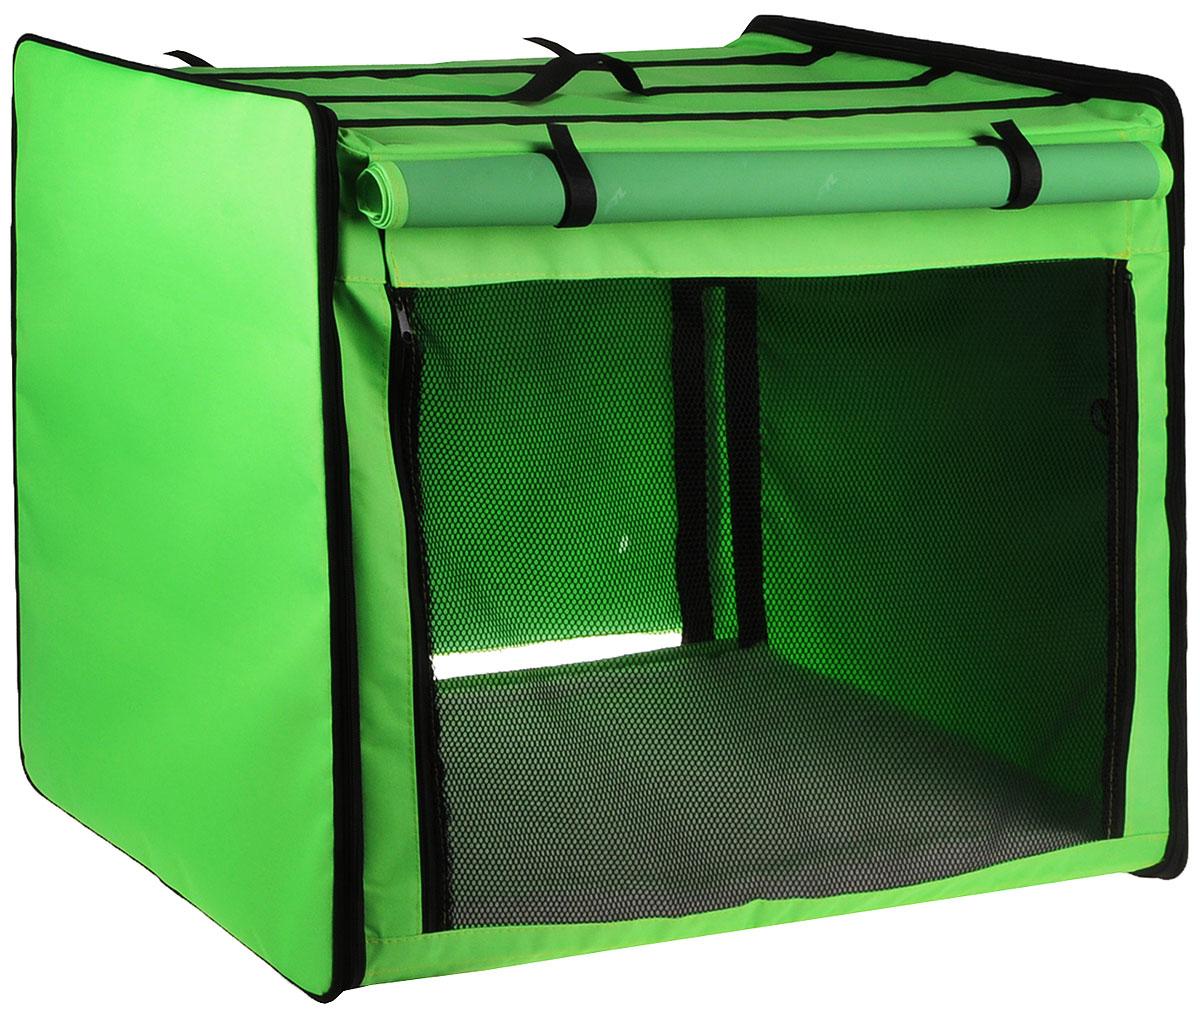 Клетка выставочная Elite Valley, цвет: черный, зеленый, 75 х 52 х 62 см. К-1К-1_зеленыйКлетка Elite Valley предназначена для показа кошек и собак на выставках. Она выполнена из плотного текстиля, каркас - металлический. Клетка оснащена съемными пленкой и сеткой. Внутри имеется мягкая подстилка, выполненная из искусственного меха. Прозрачную пленку можно прикрыть шторкой. Сверху расположена ручка для переноски. В комплекте сумка-чехол для удобной транспортировки.